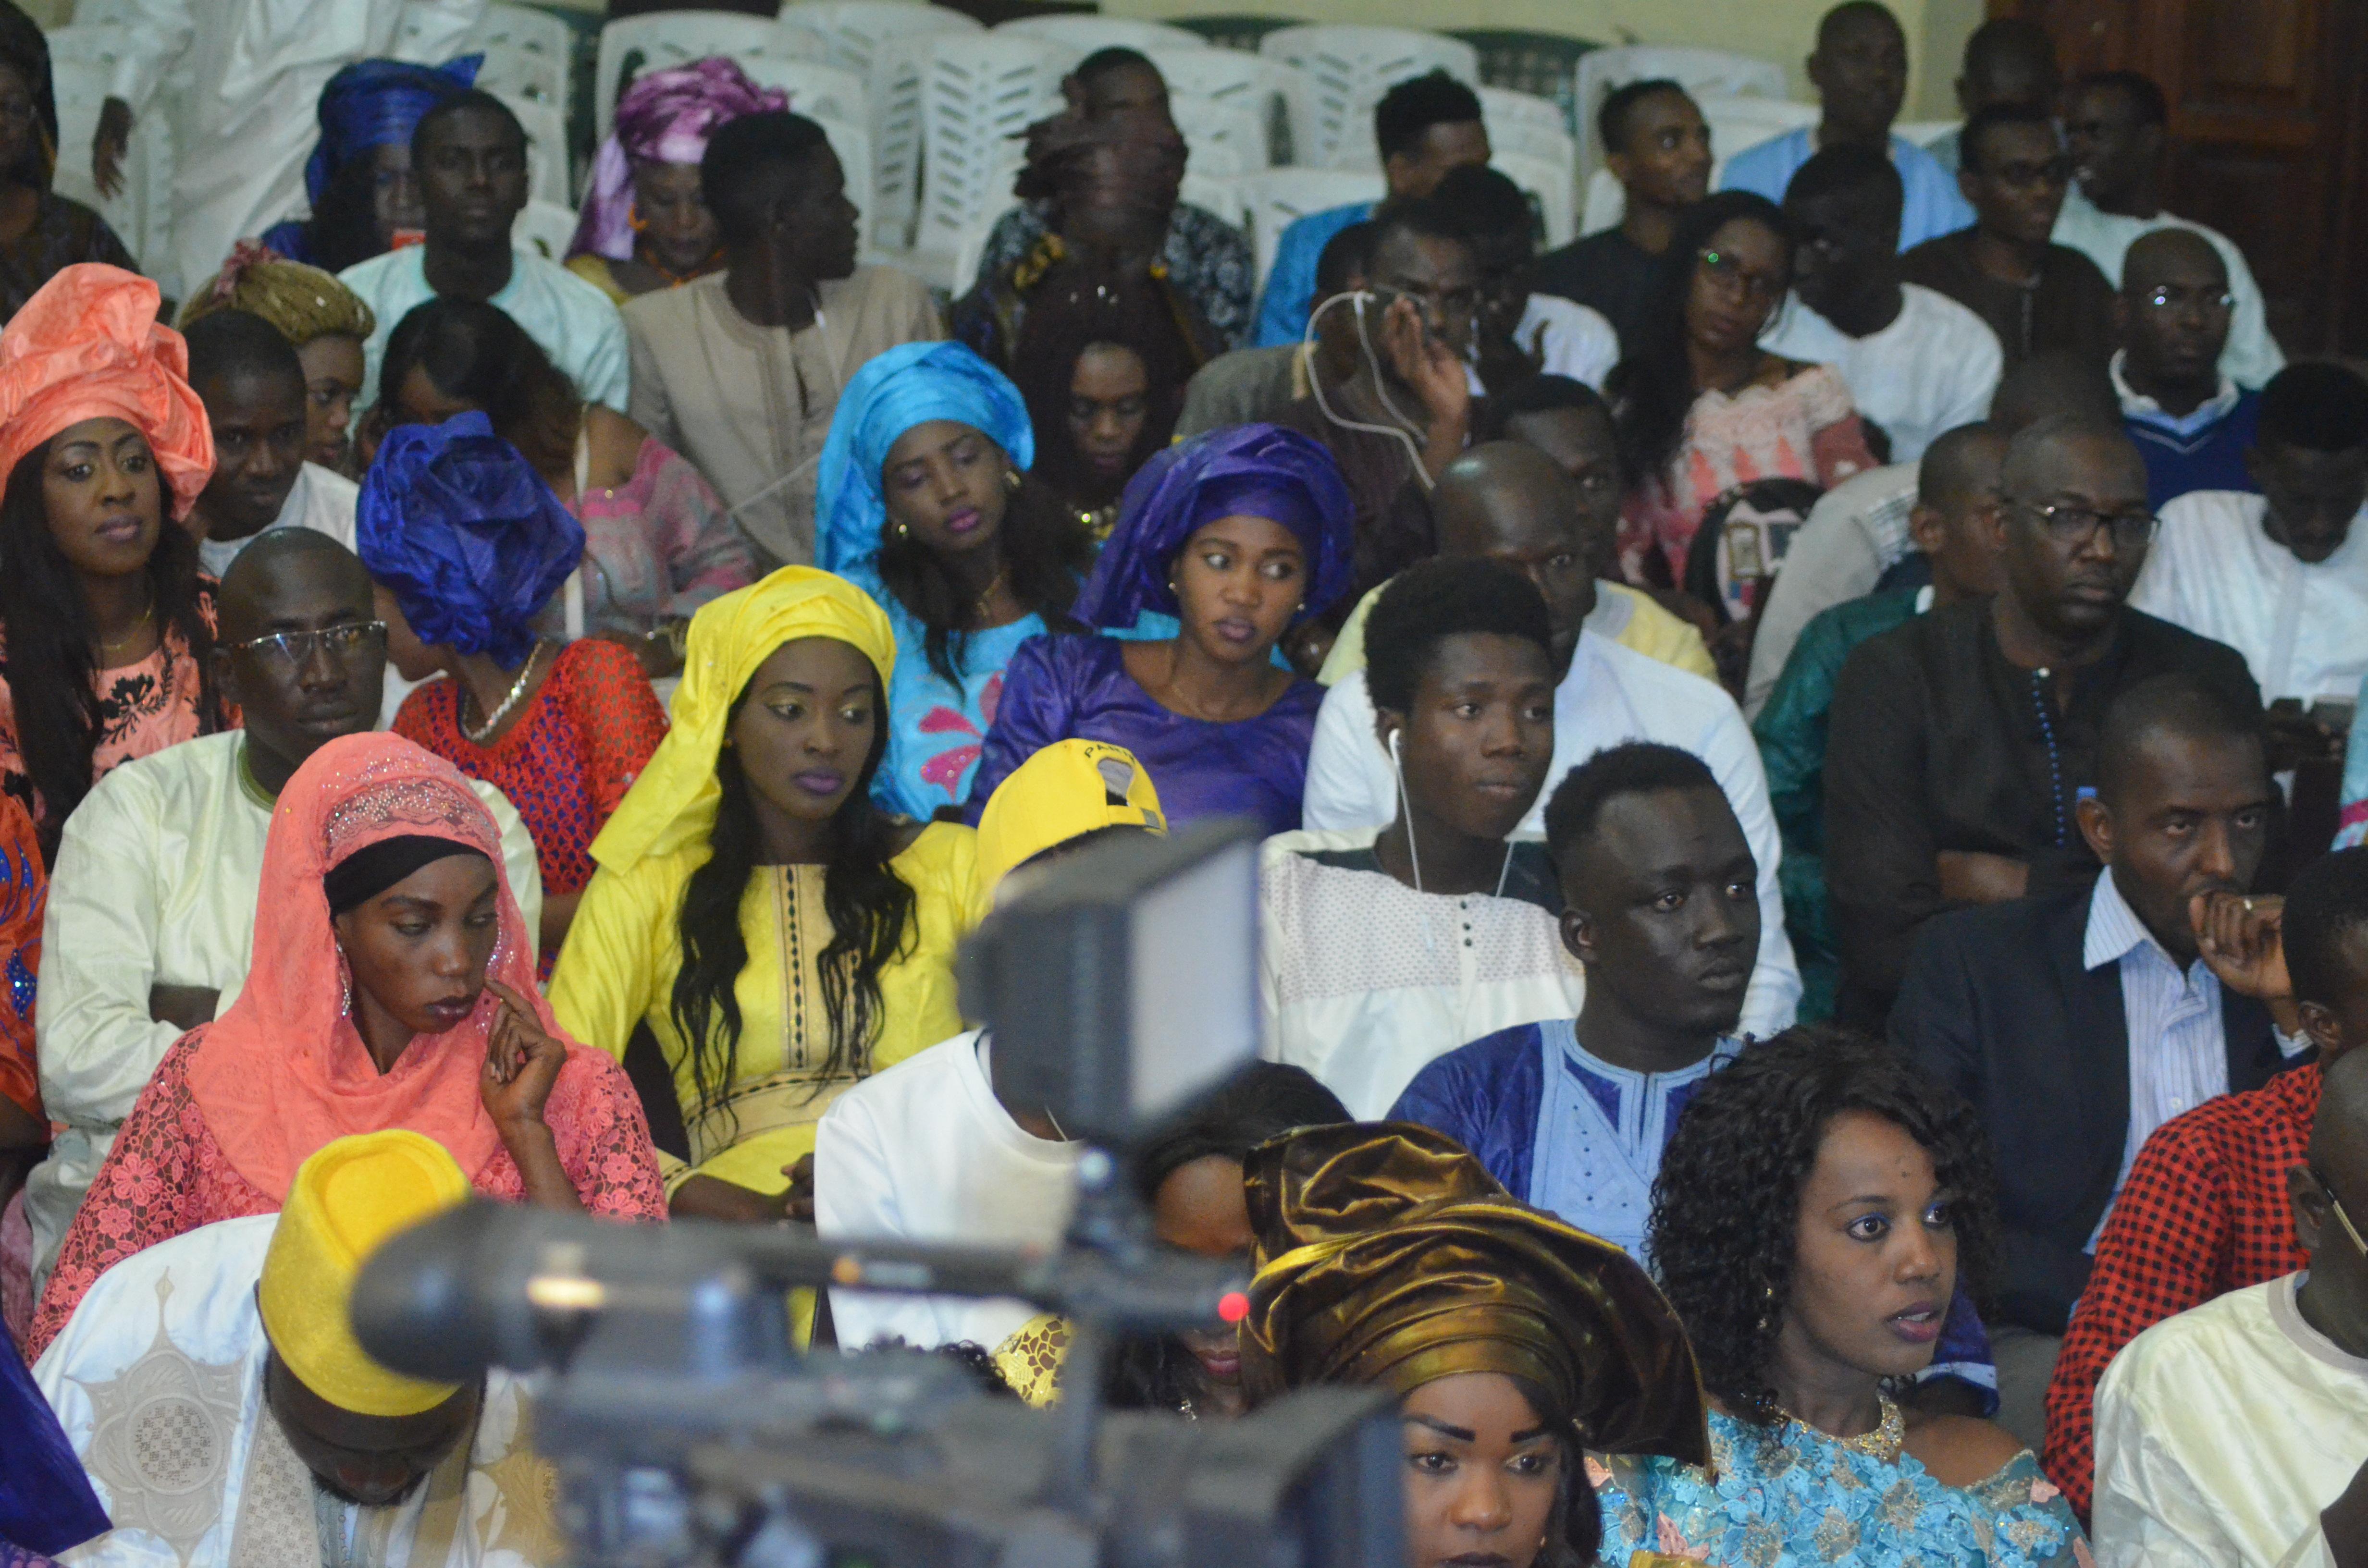 Première Edition soirée culturelle de l'Association Boyinadji Ma fierté de Bokidiawé, le parrain Bocar Abdoulaye Ly appelle à l'union des cœurs (3)